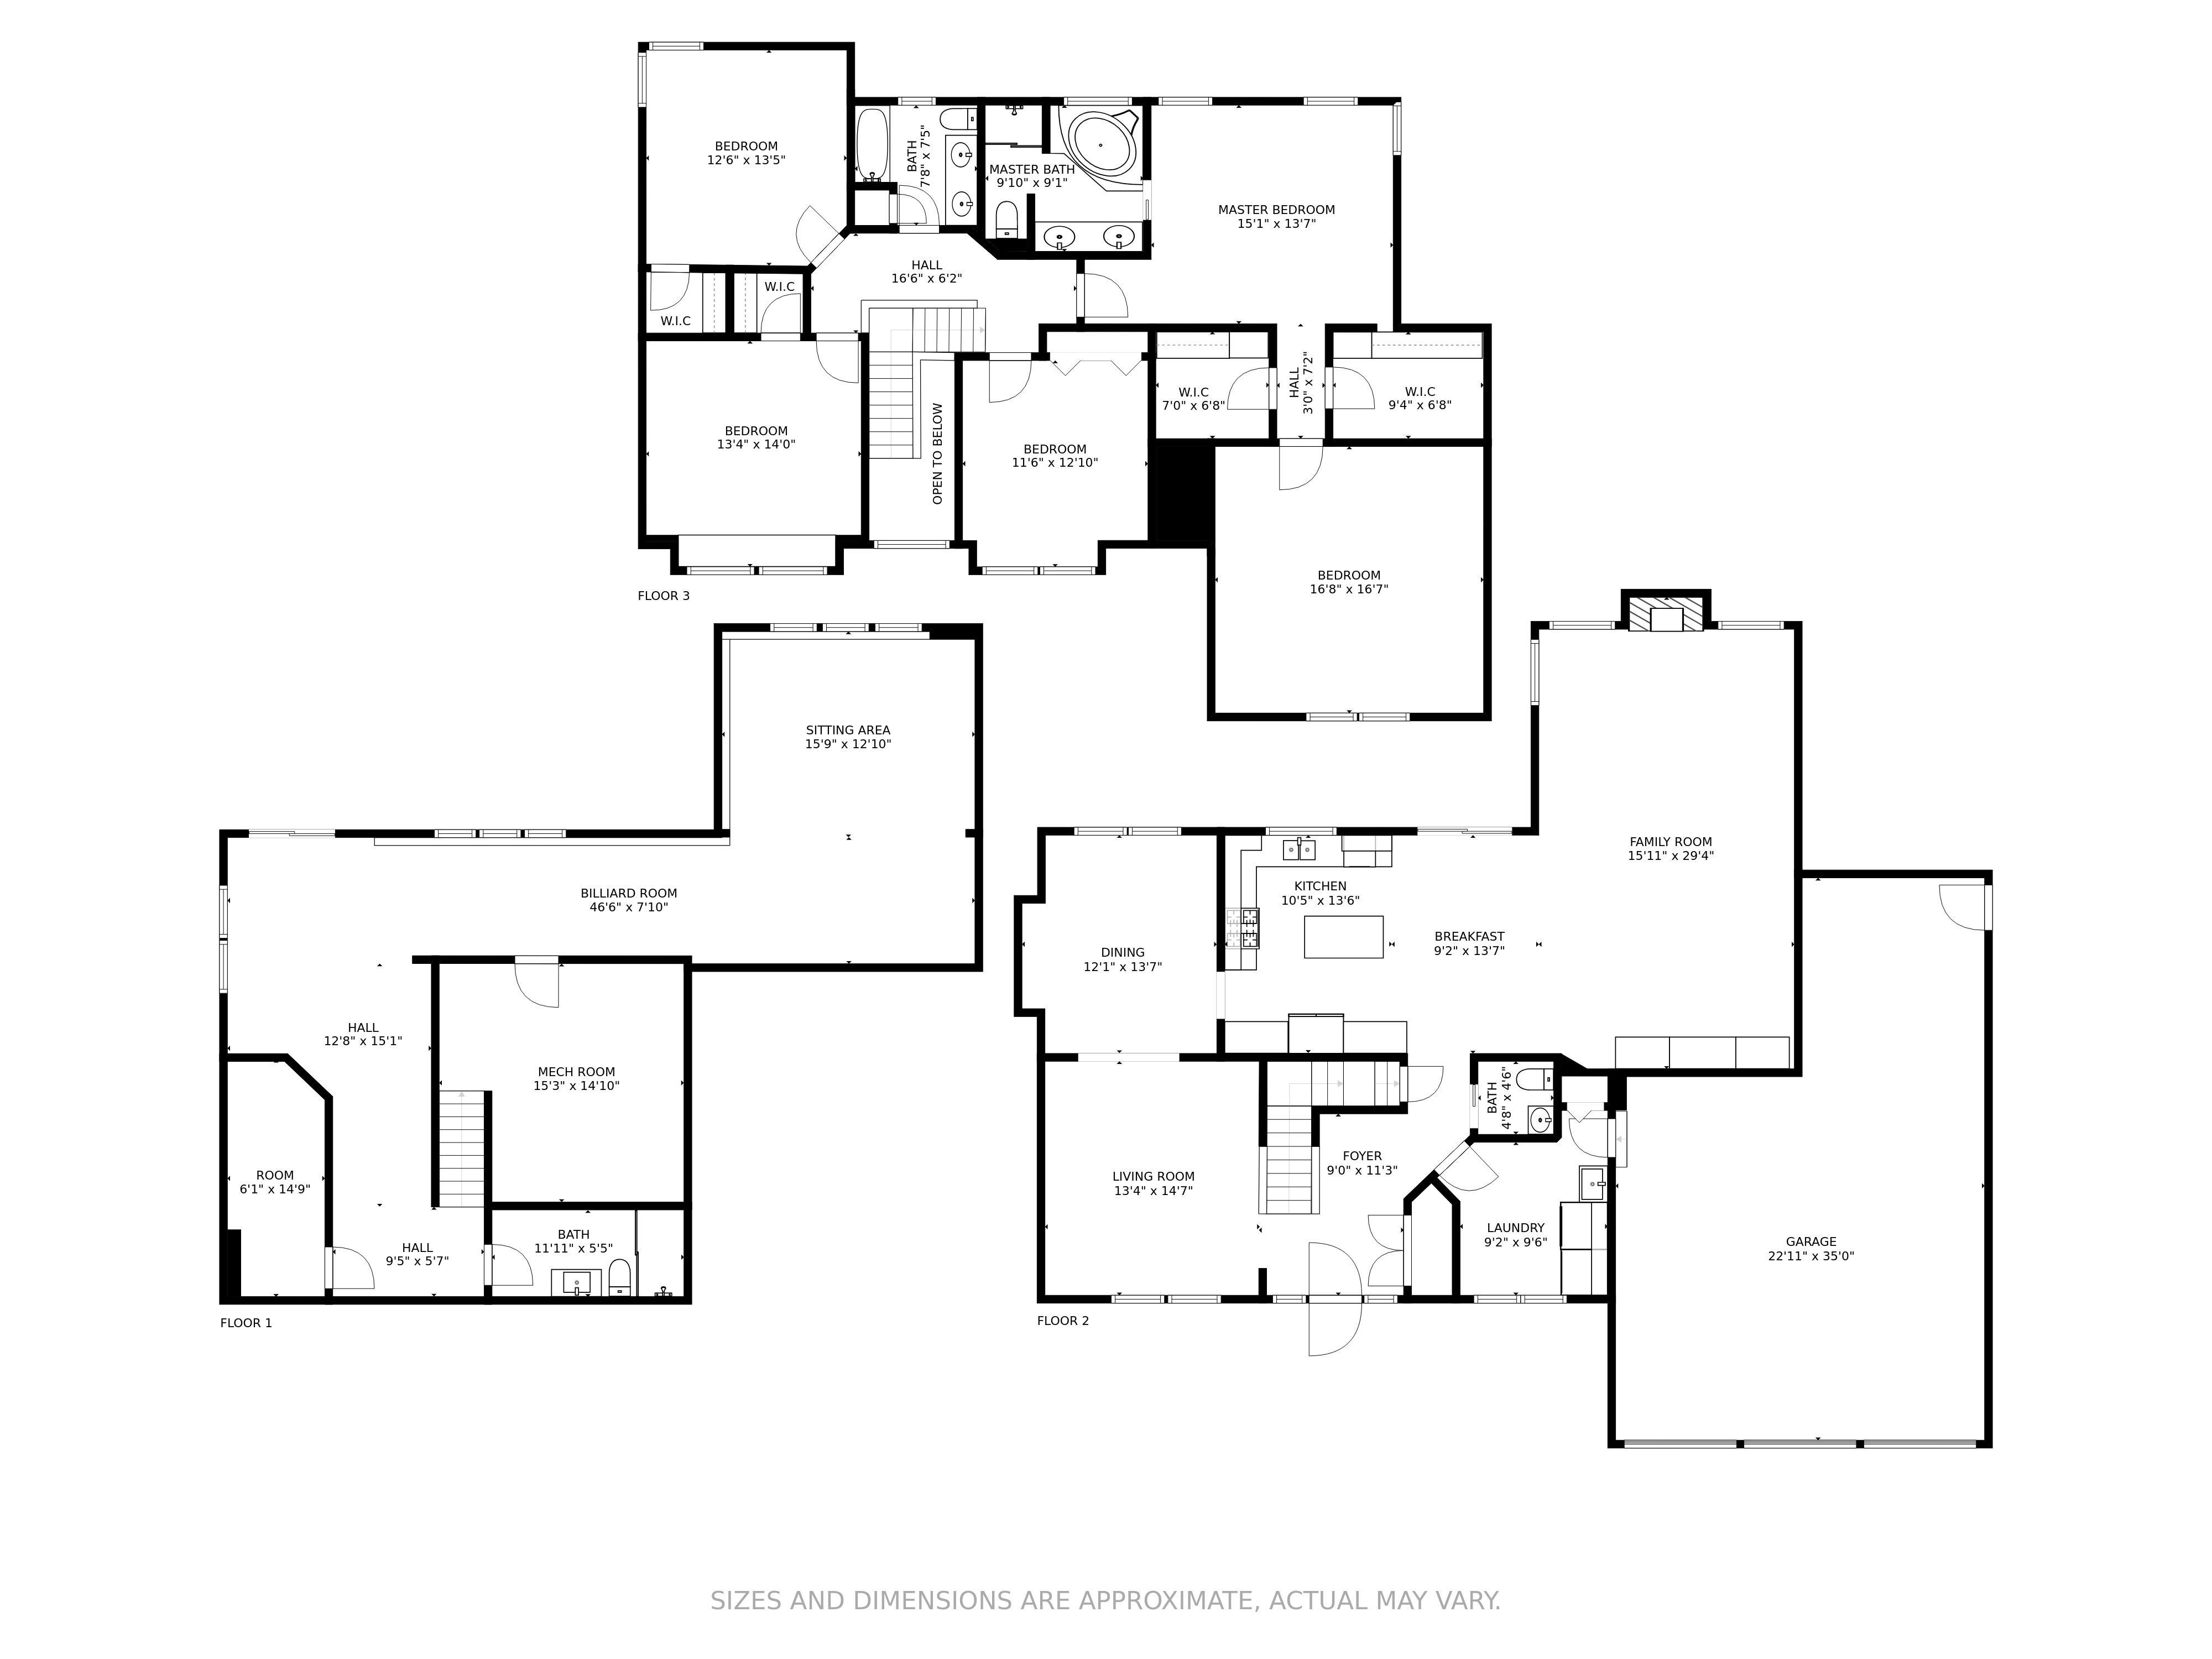 Example Of Floor Plan Floor Plans How To Plan Flooring